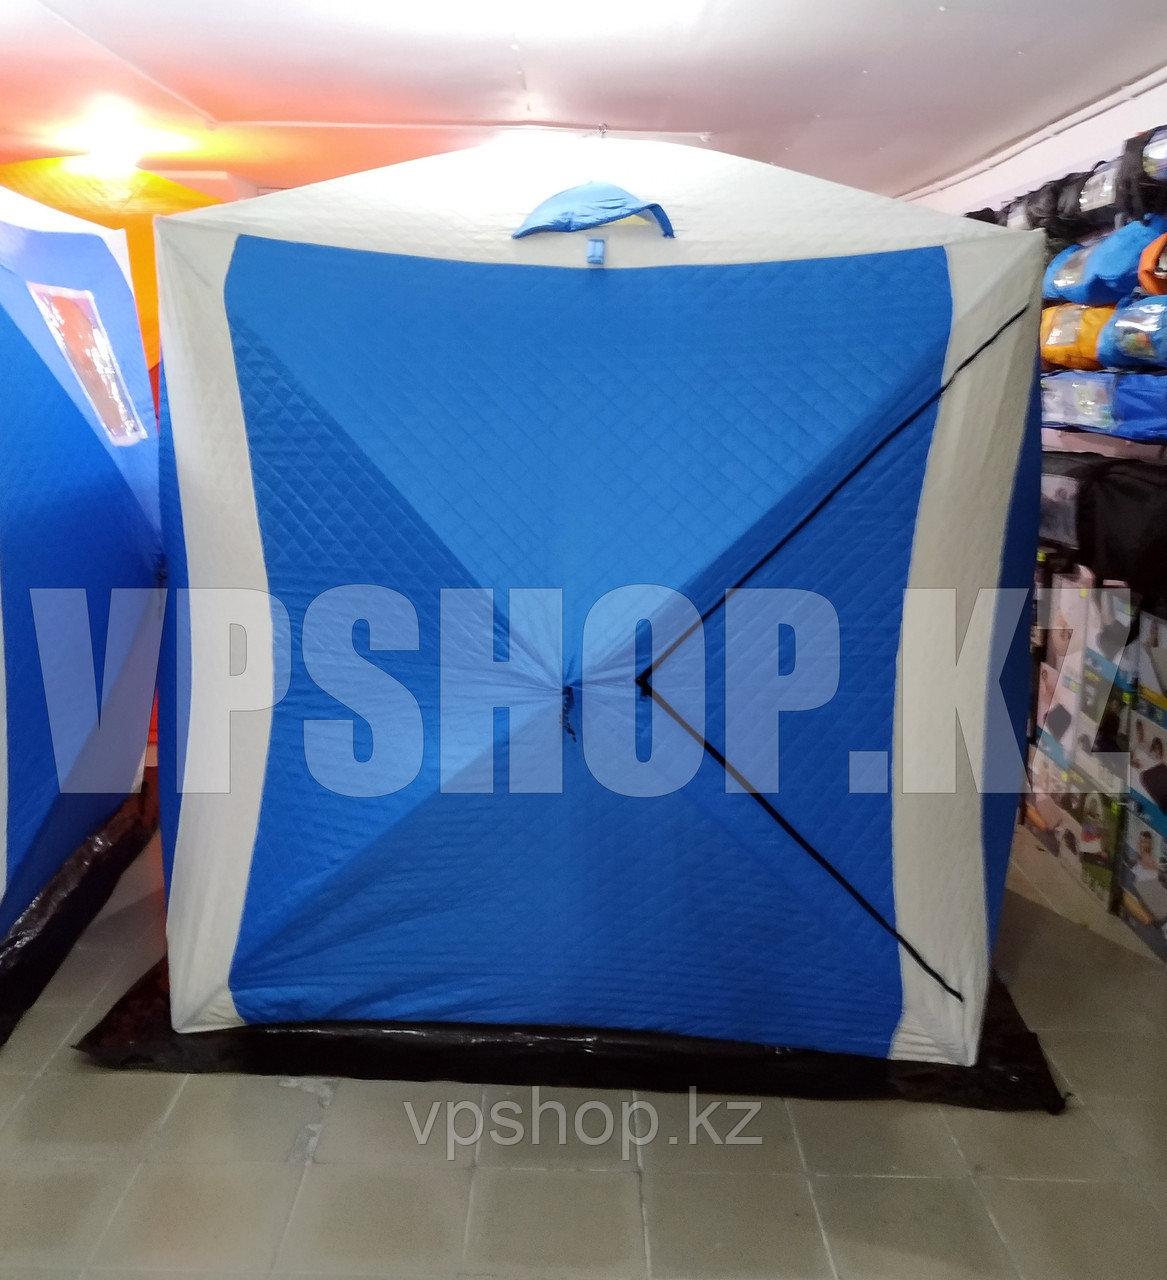 КУБ палатка утепленная 180х180 с синтепоном, доставка